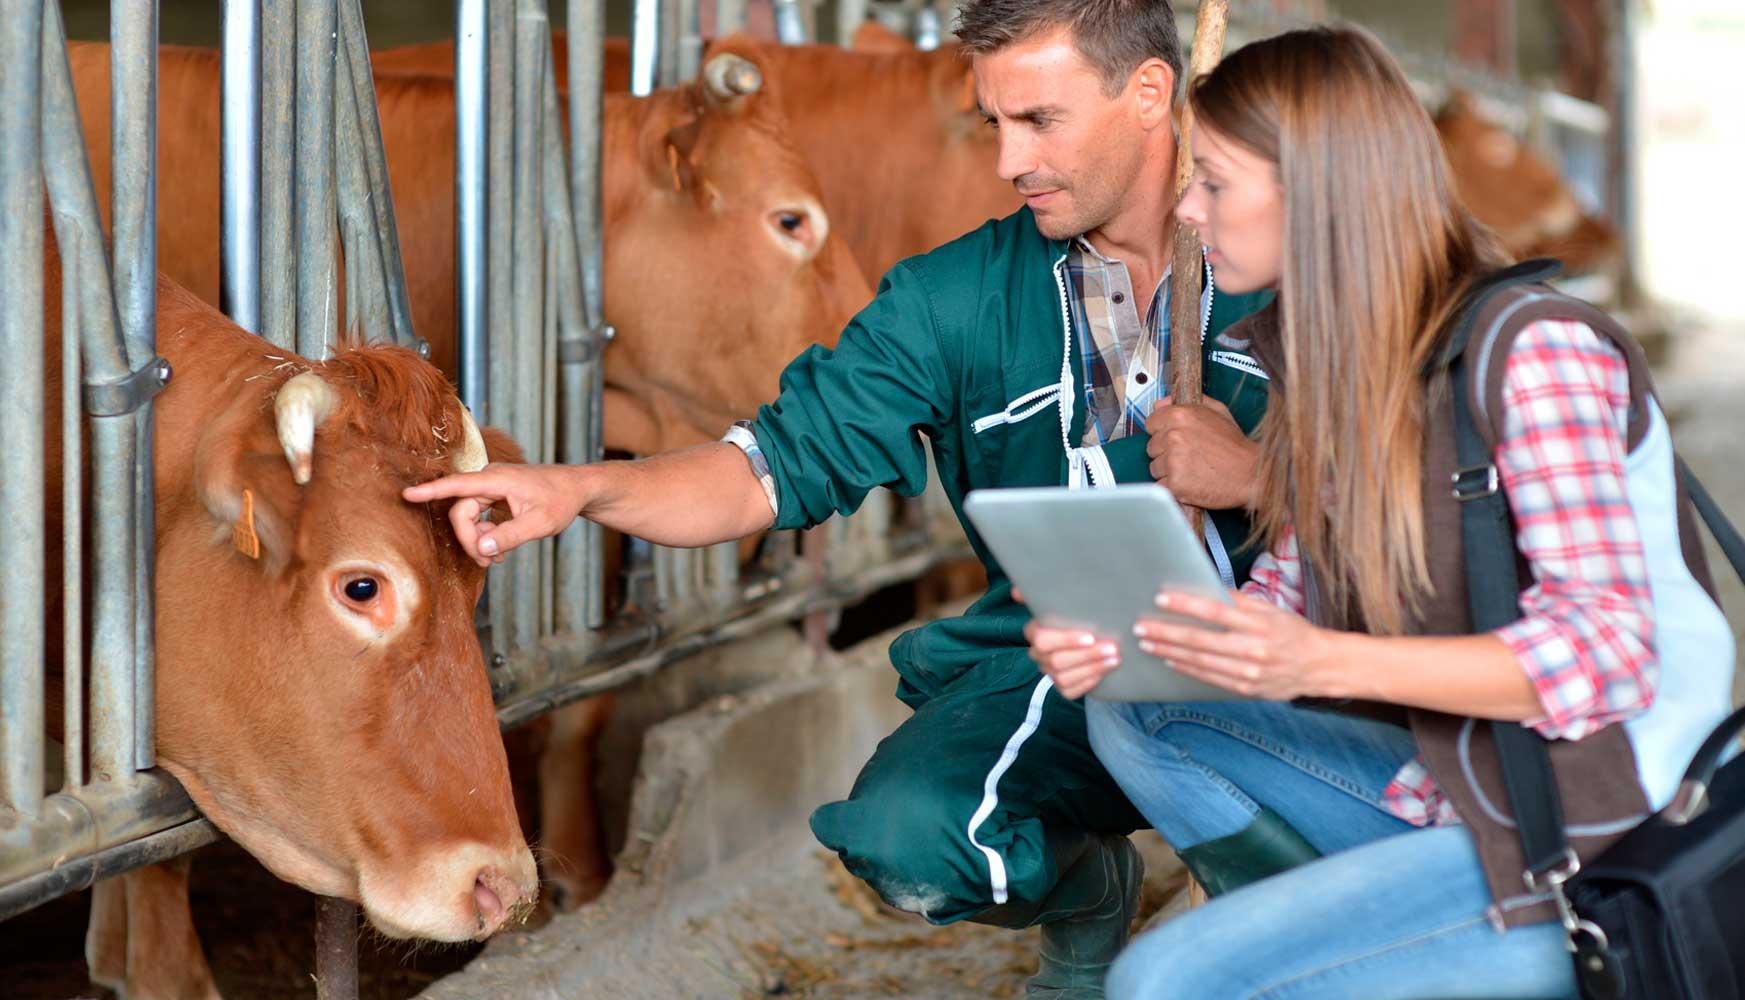 Epa-Escola-Profissional-Agricultura-Tecnologias_Curso_CEF_Tratador-Animais